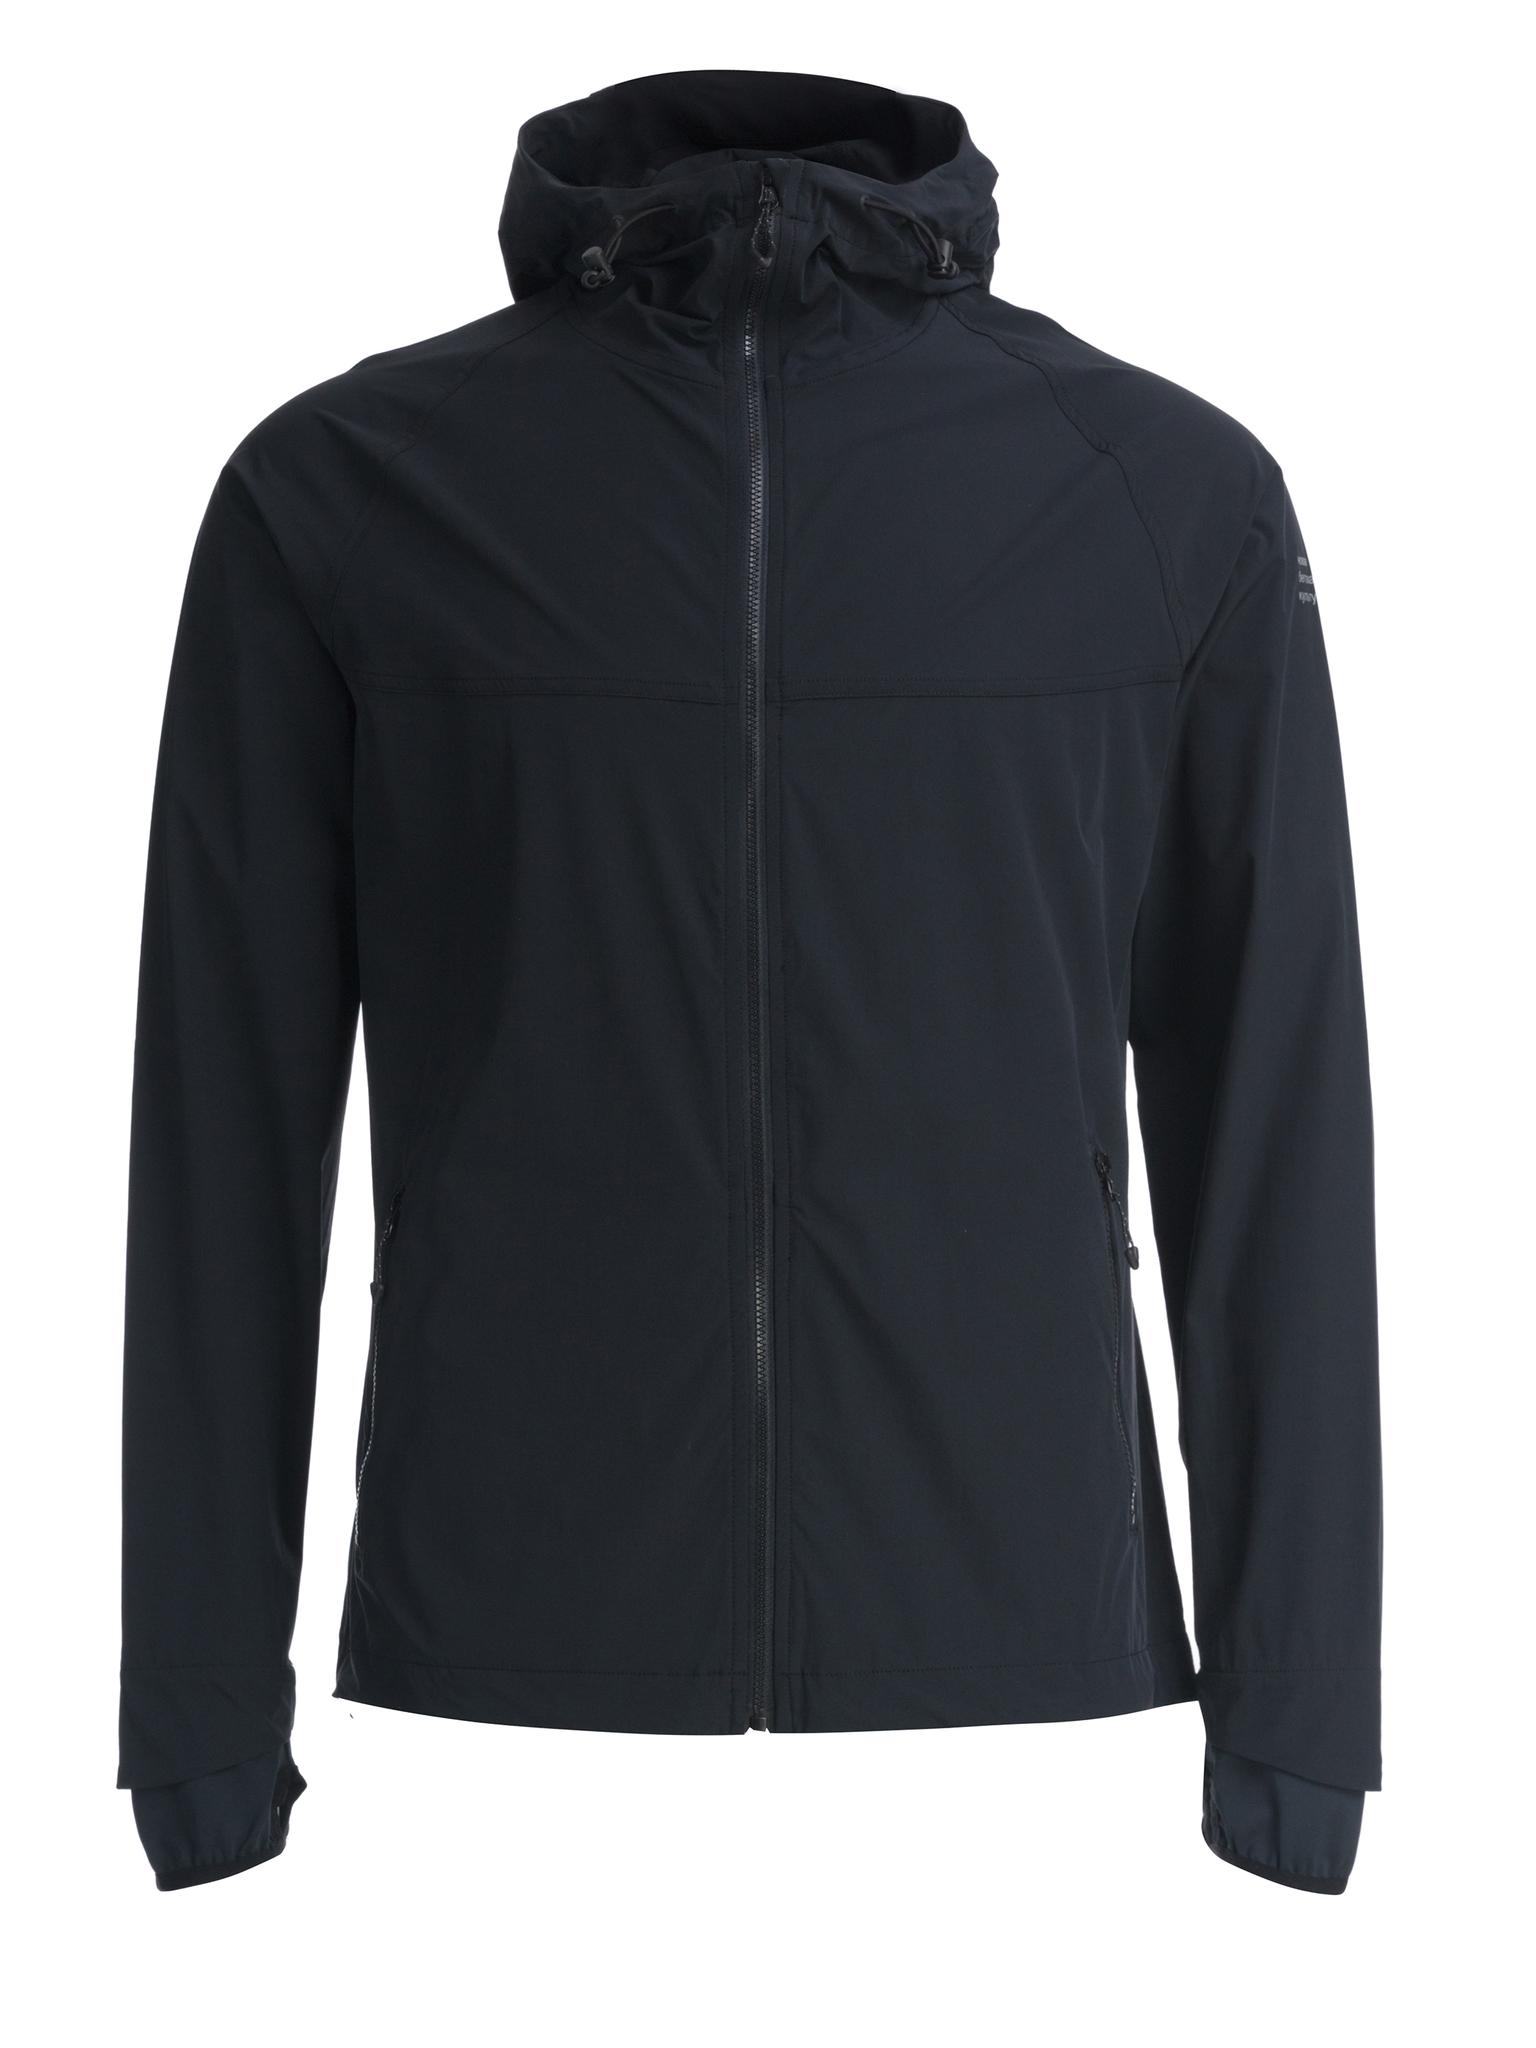 Куртка мужская GRI Джеди 2.0, черная